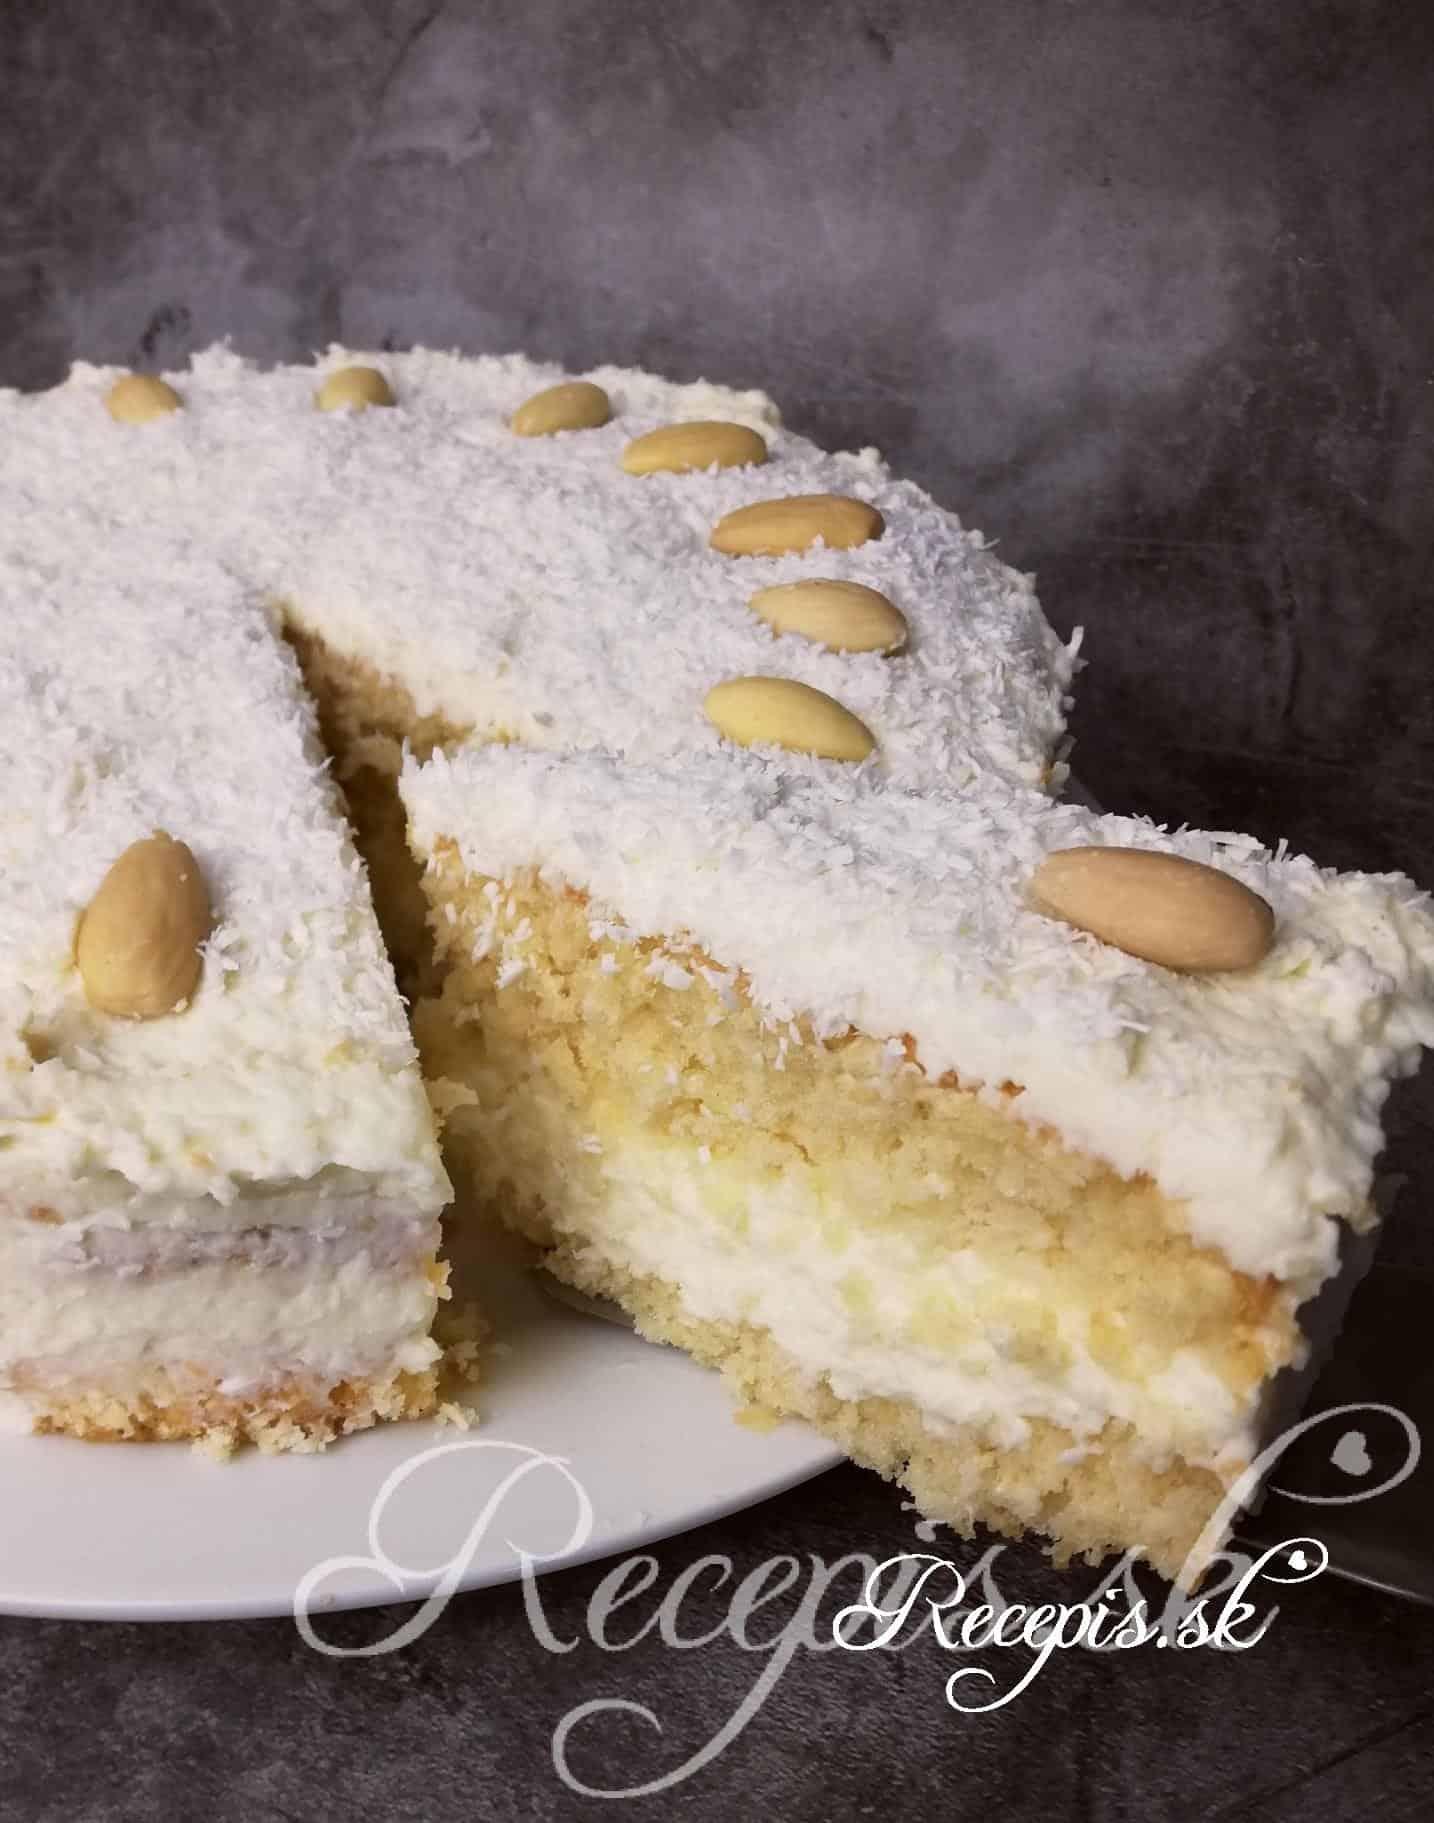 Jednoduchá kokosová torta